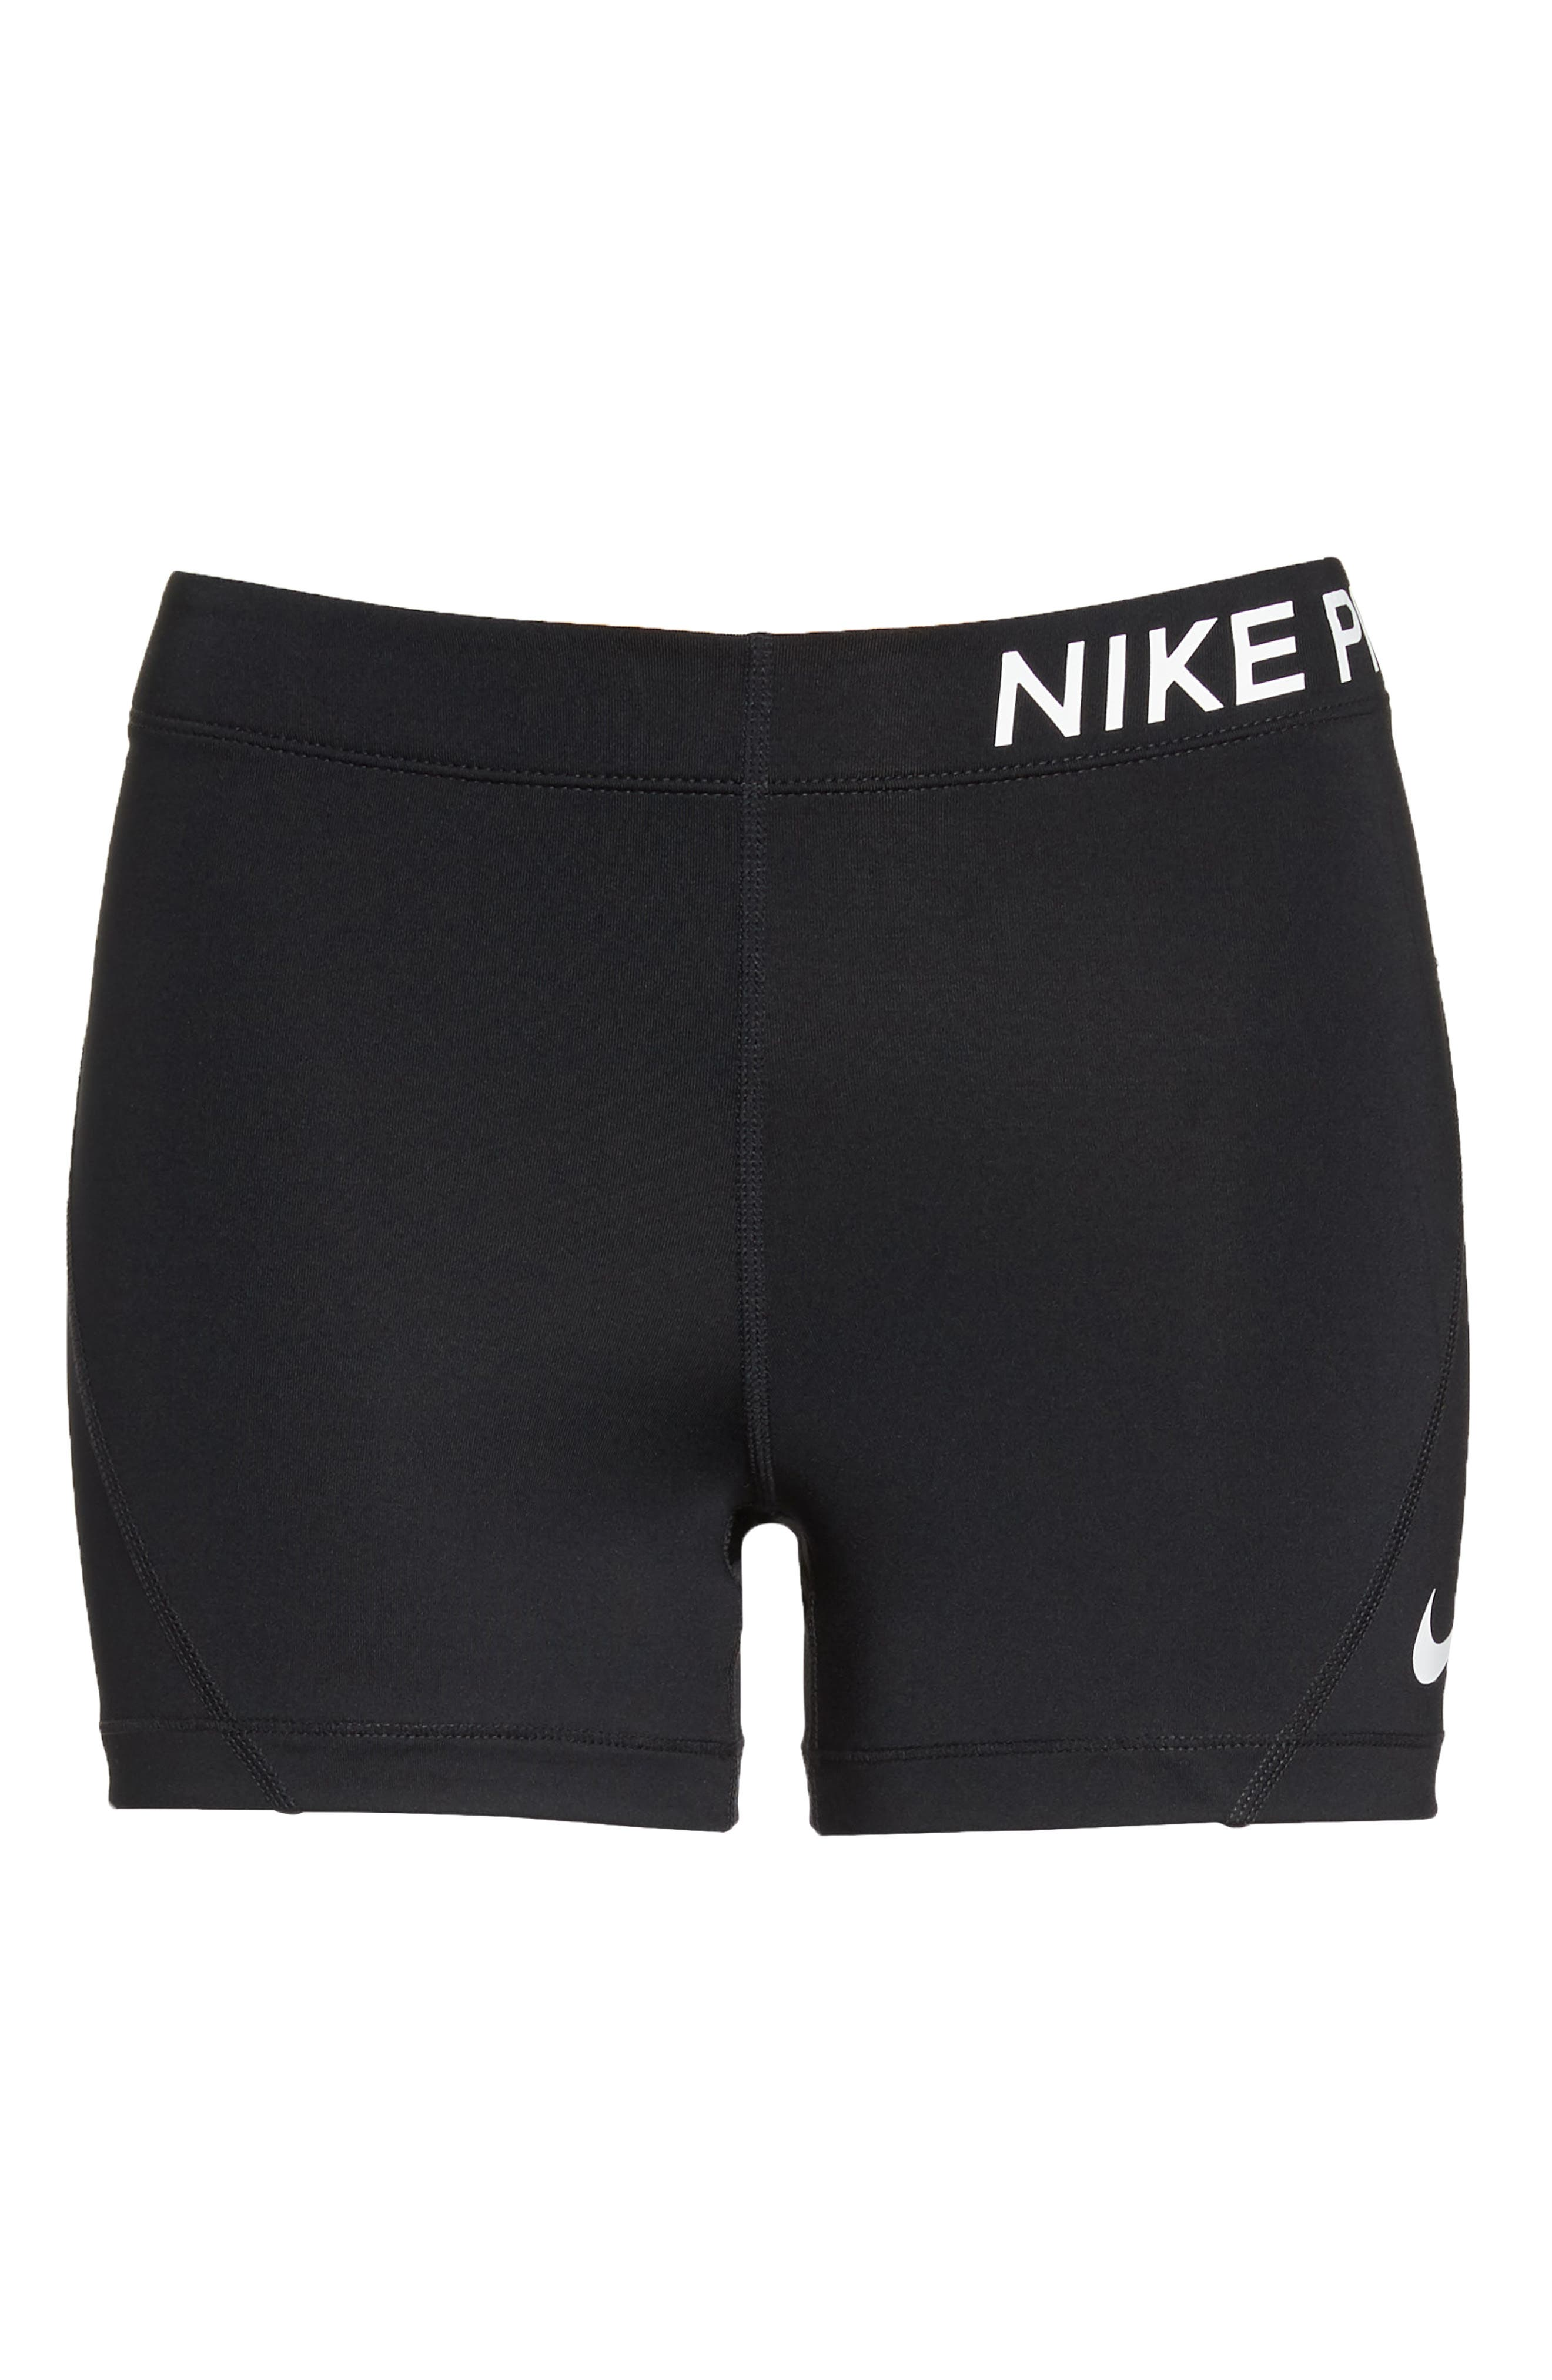 Pro Short Shorts,                             Alternate thumbnail 7, color,                             Black/ White